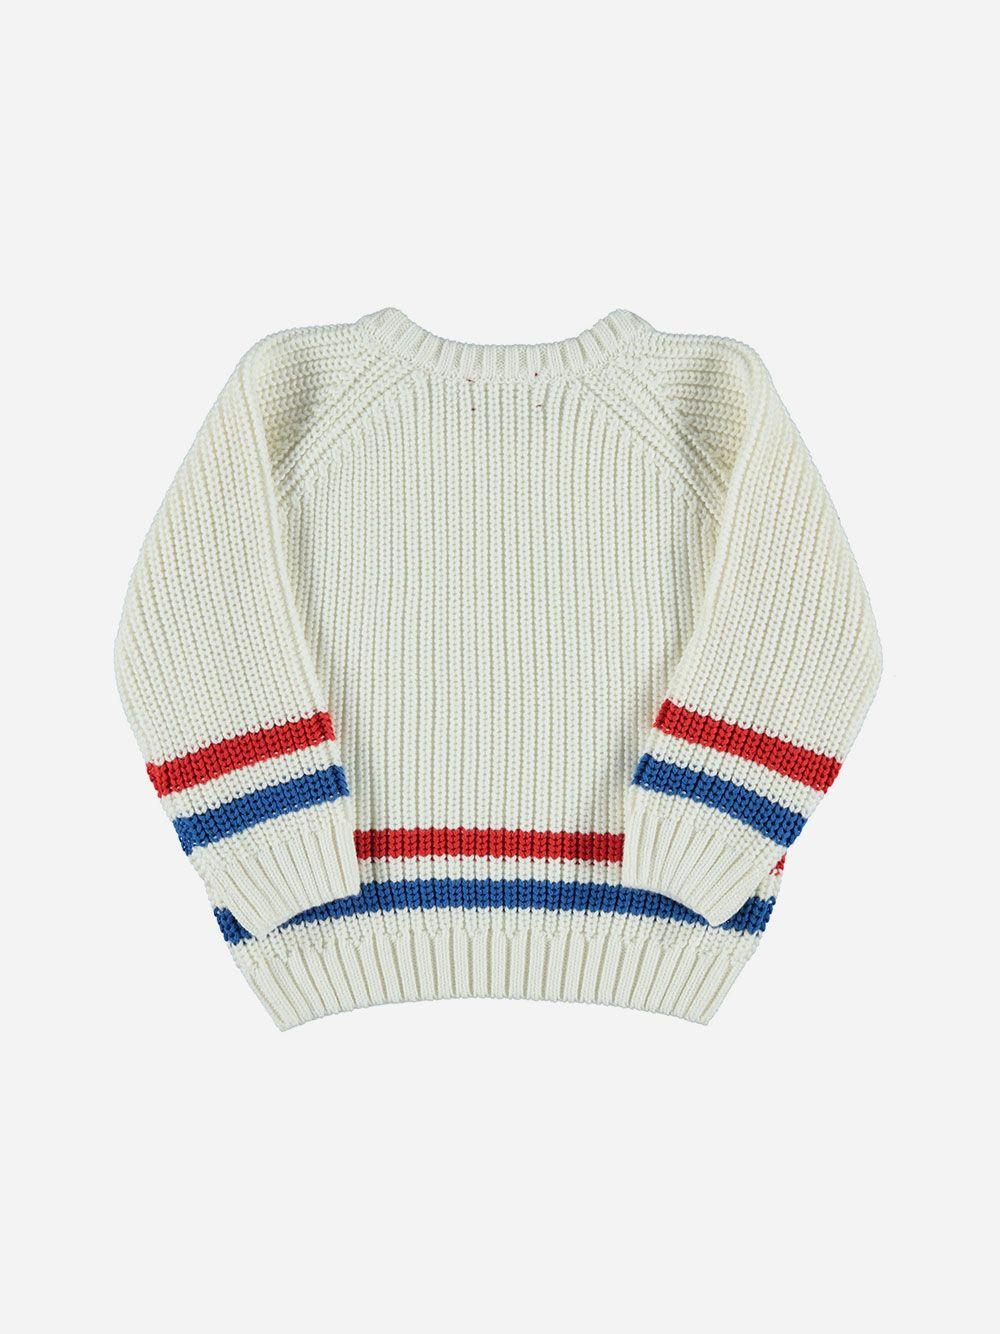 Sweater de Malha Branca com Riscas | Piupiuchick